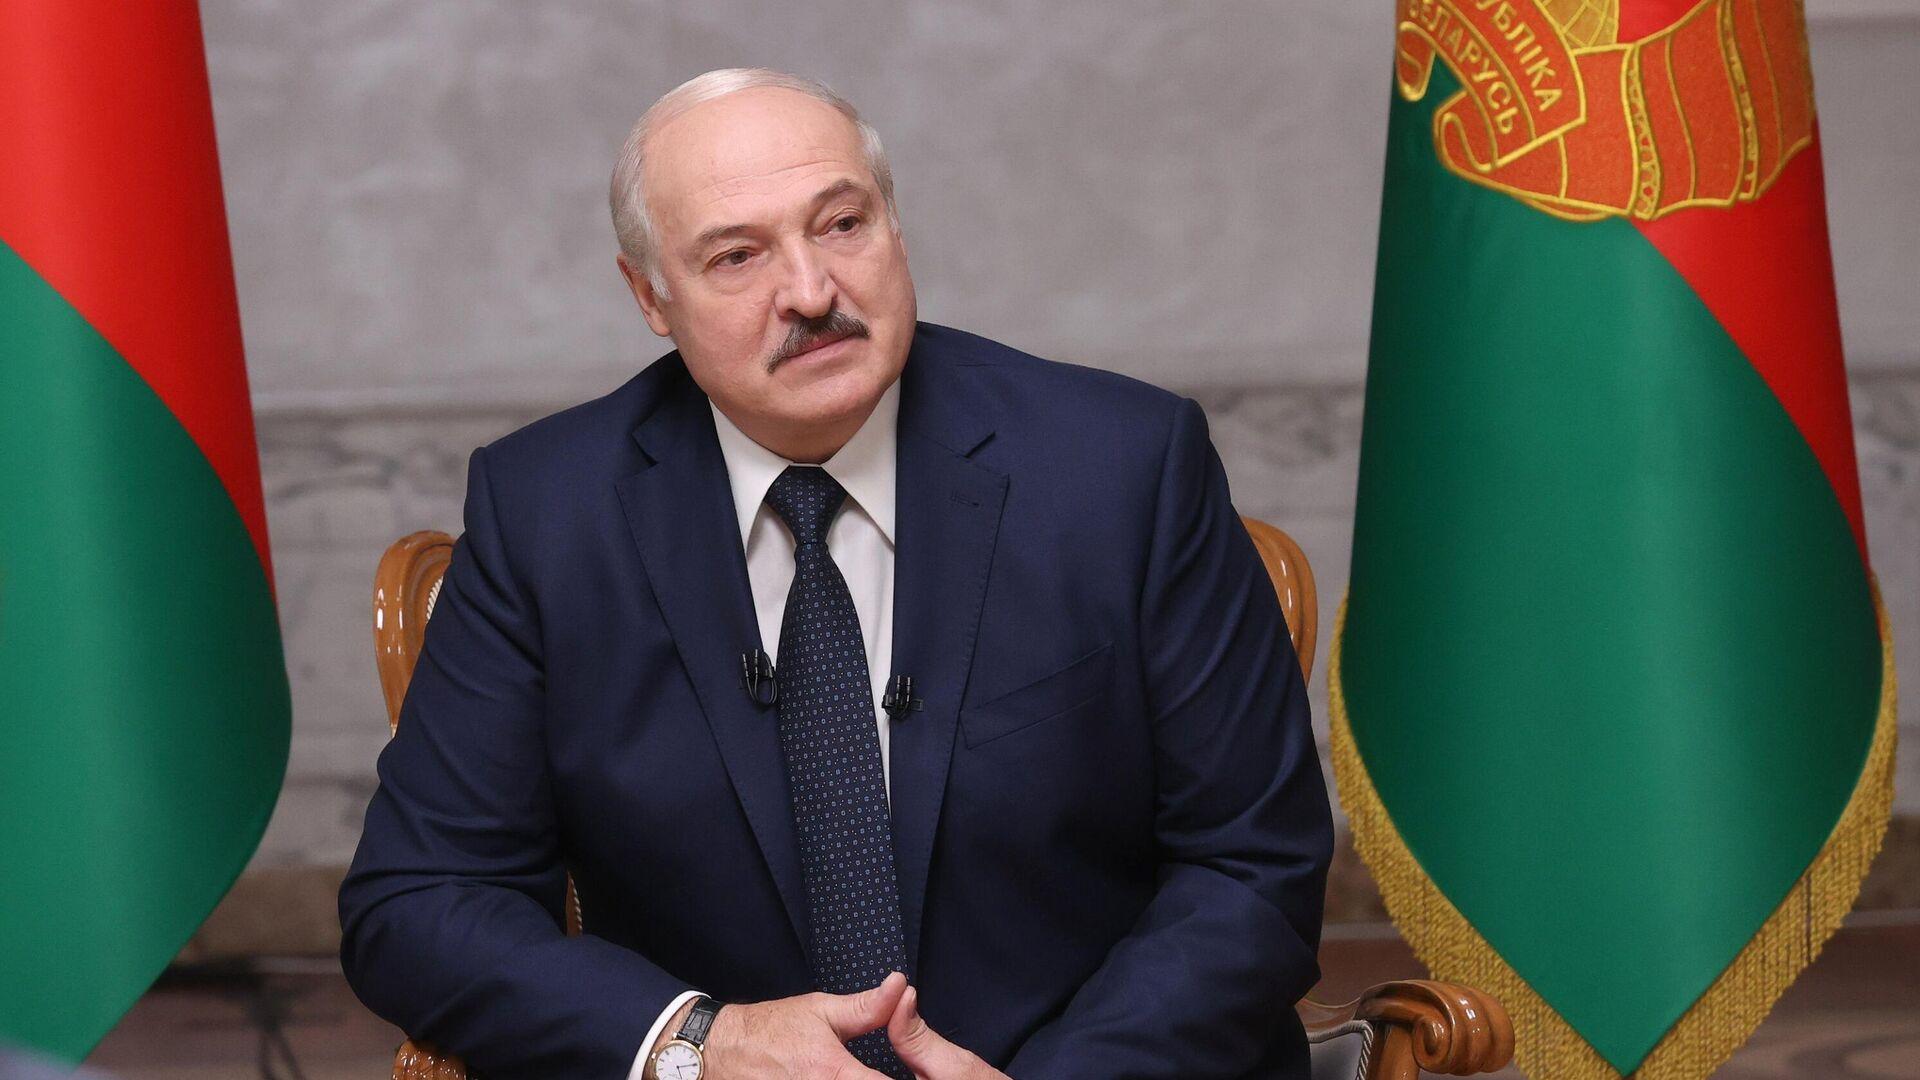 Лукашенко танҳо то 5 ноябр президент боқӣ мемонад?